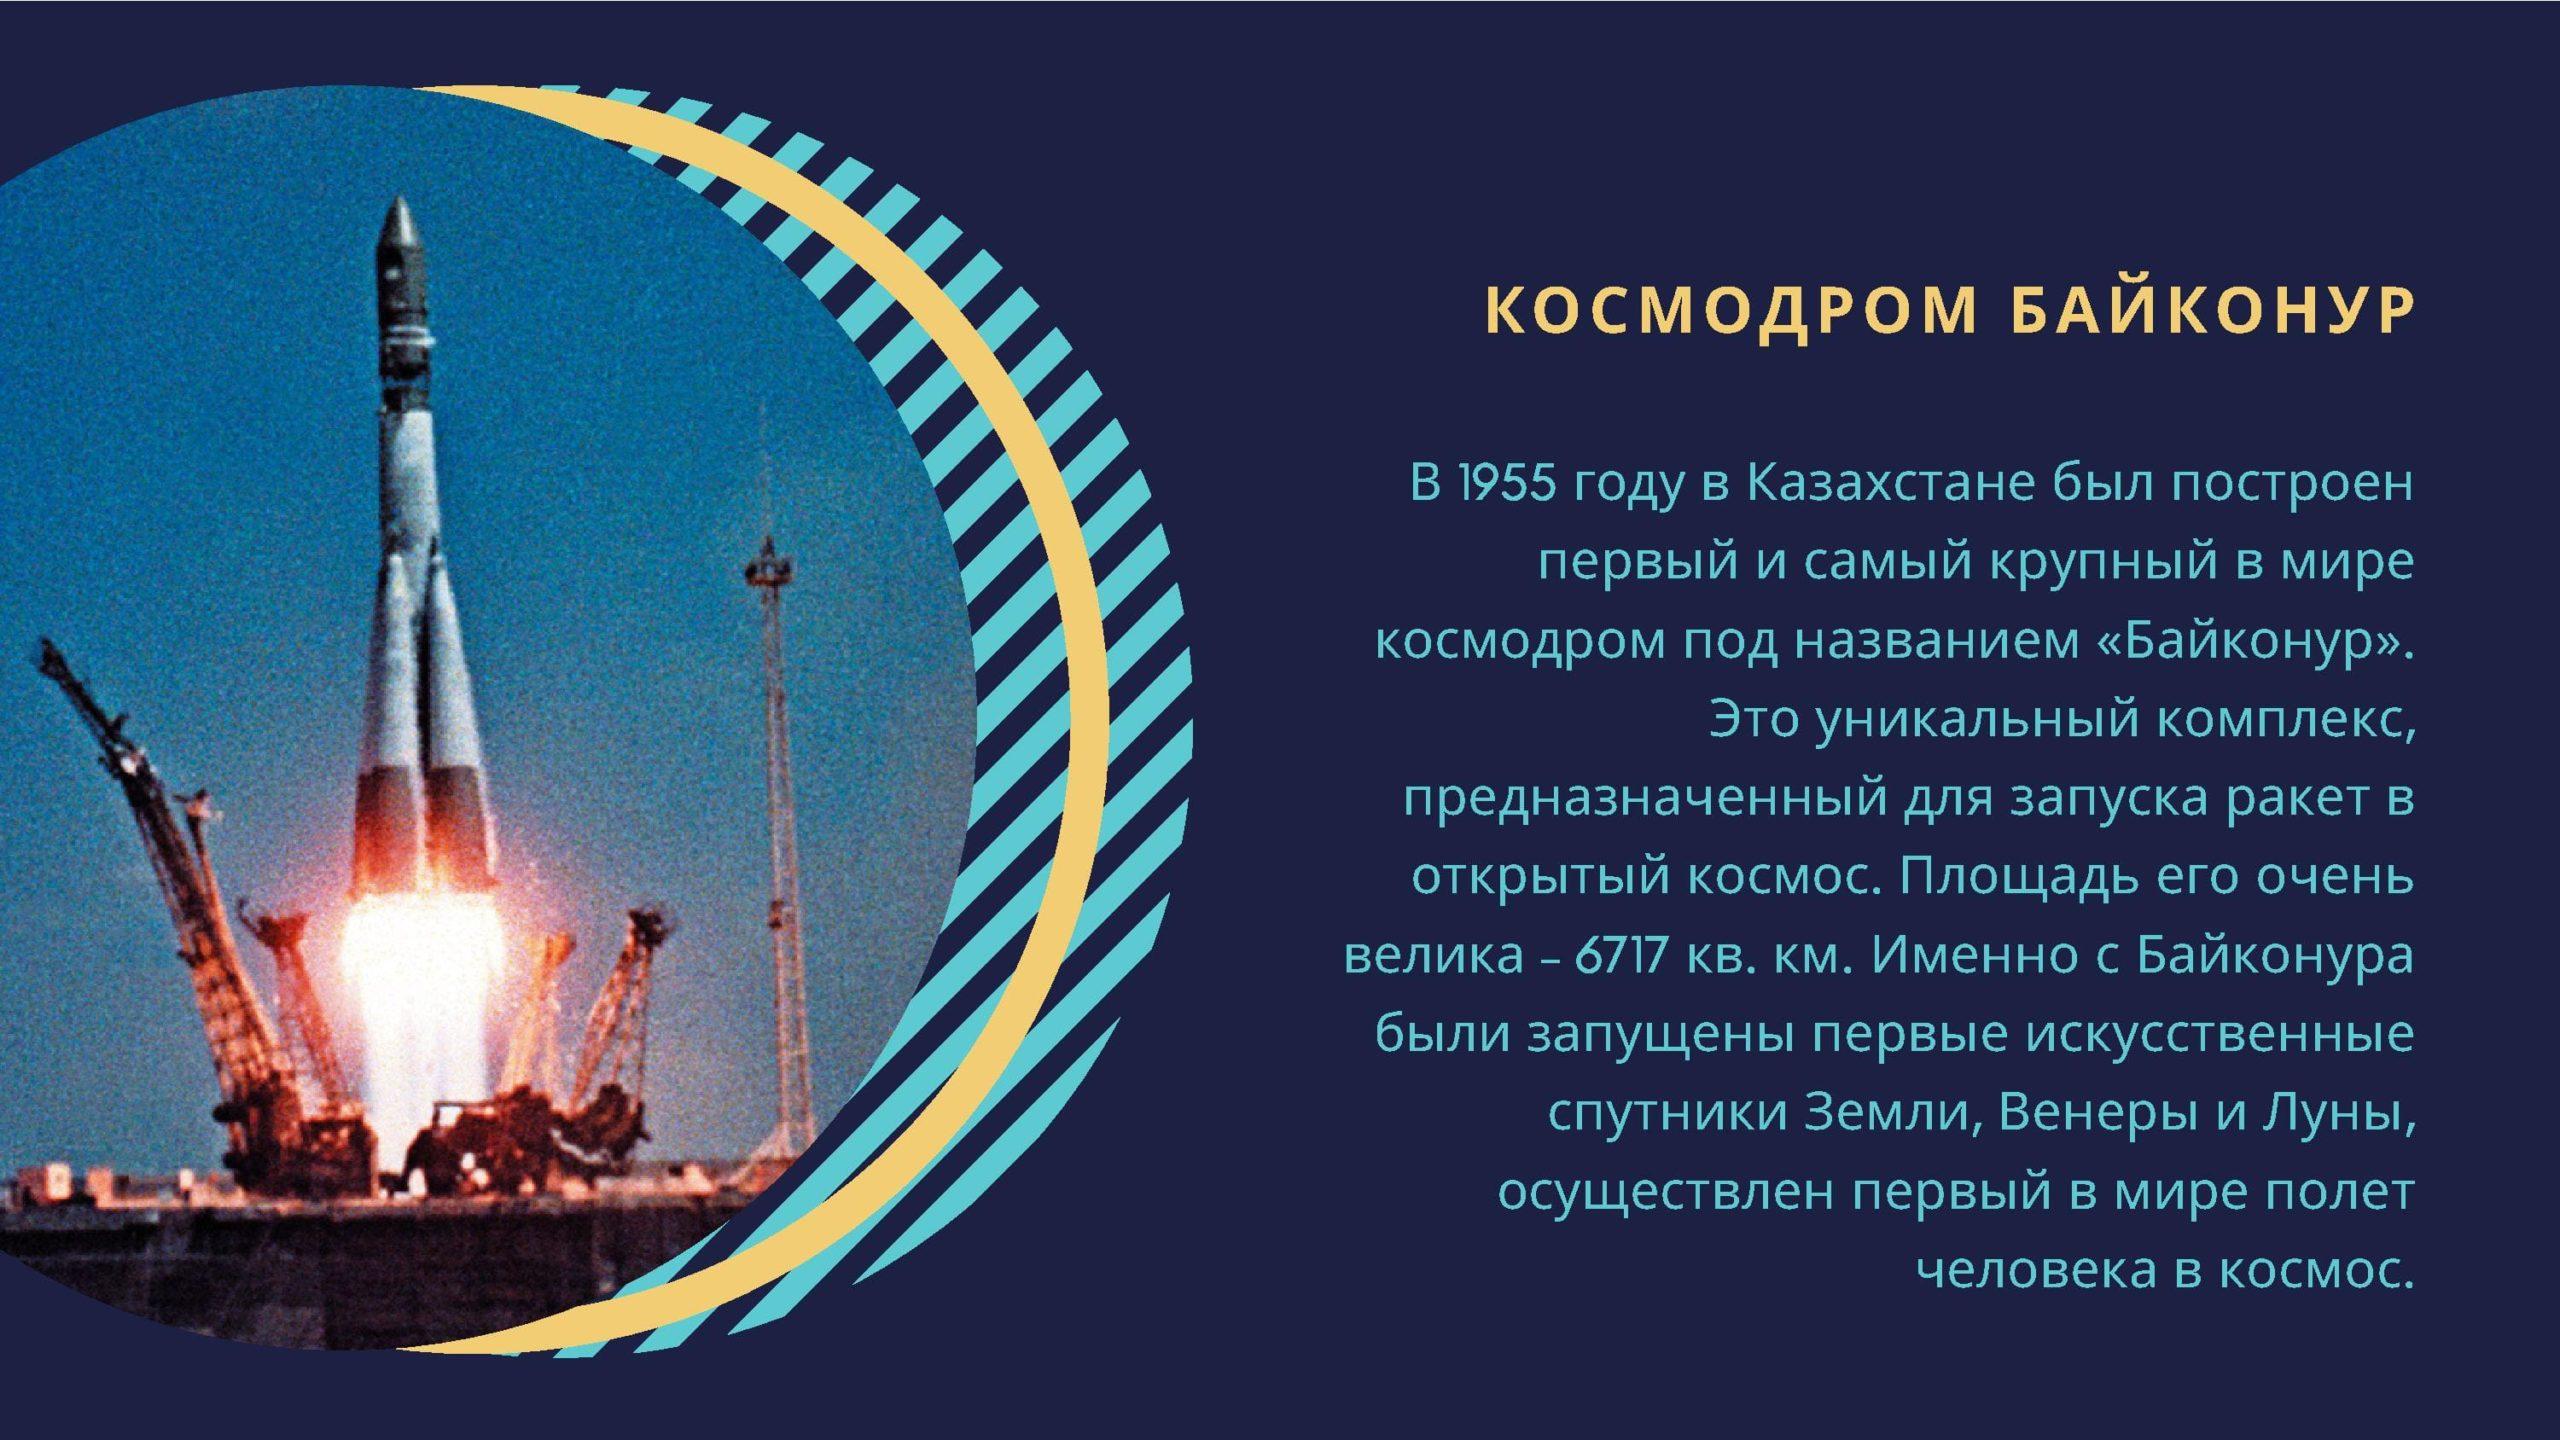 Космодром Байконур. В 1955 году в Казахстане был построен